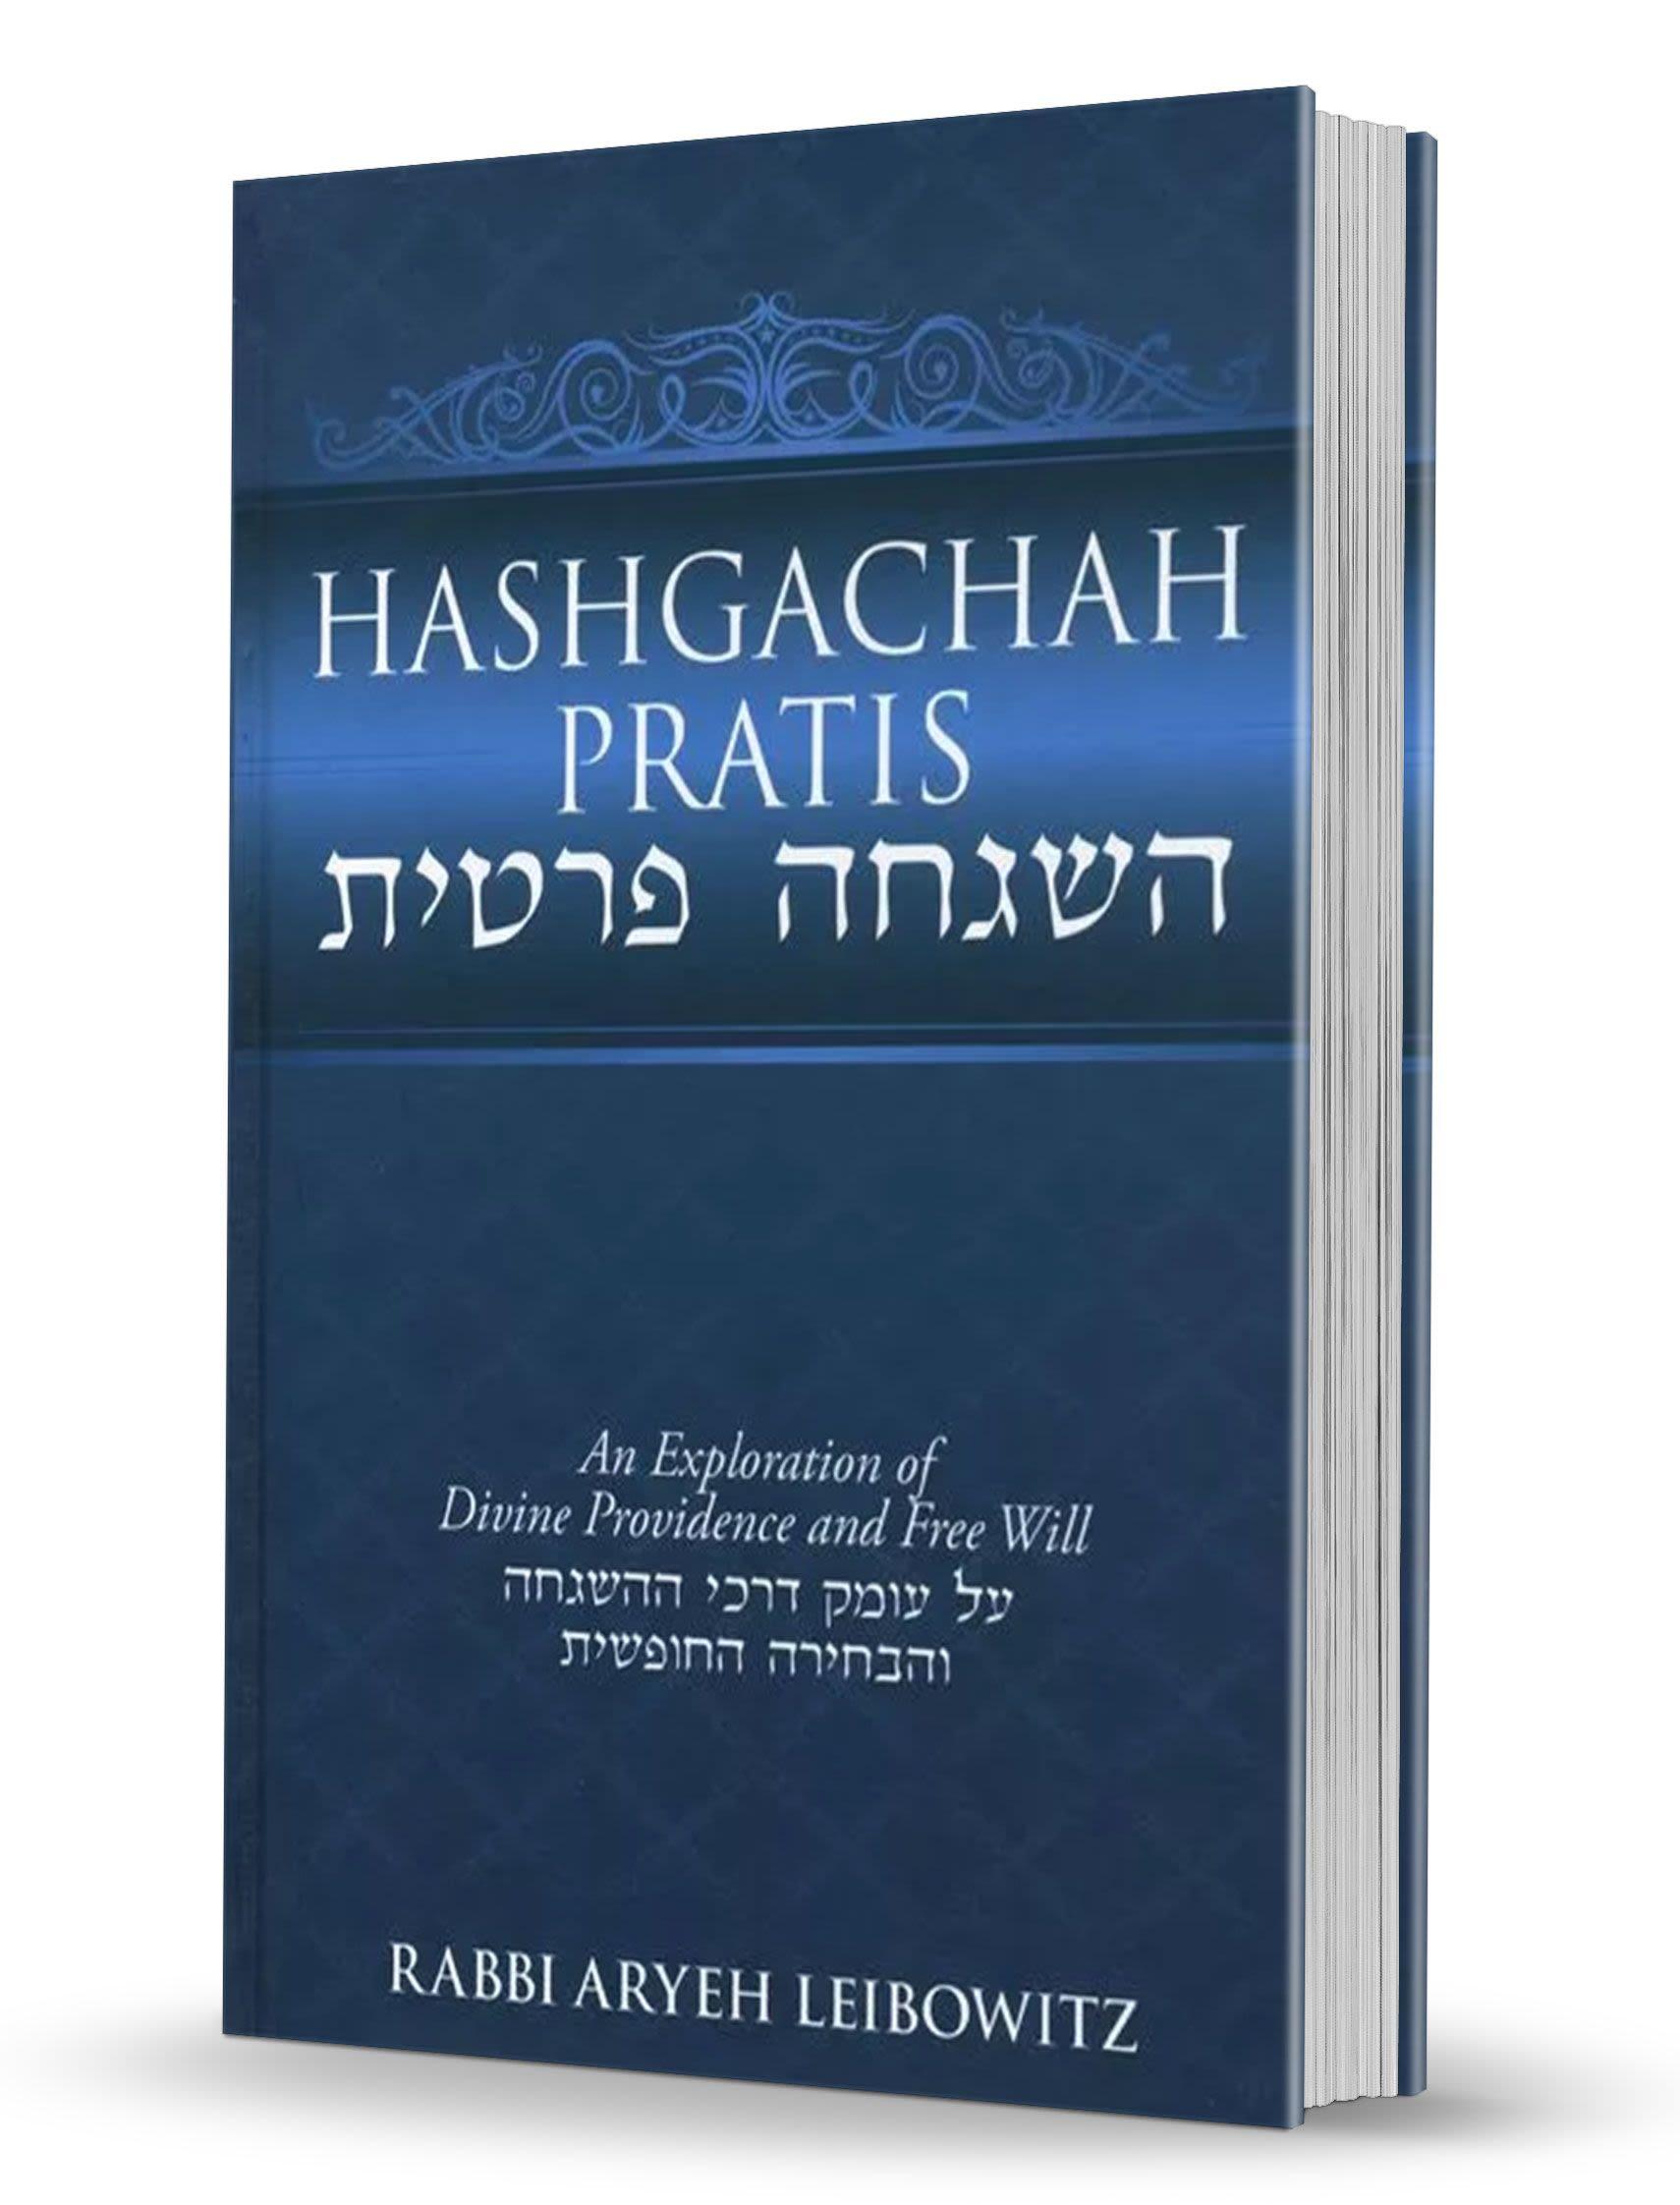 Hashgachah Pratis